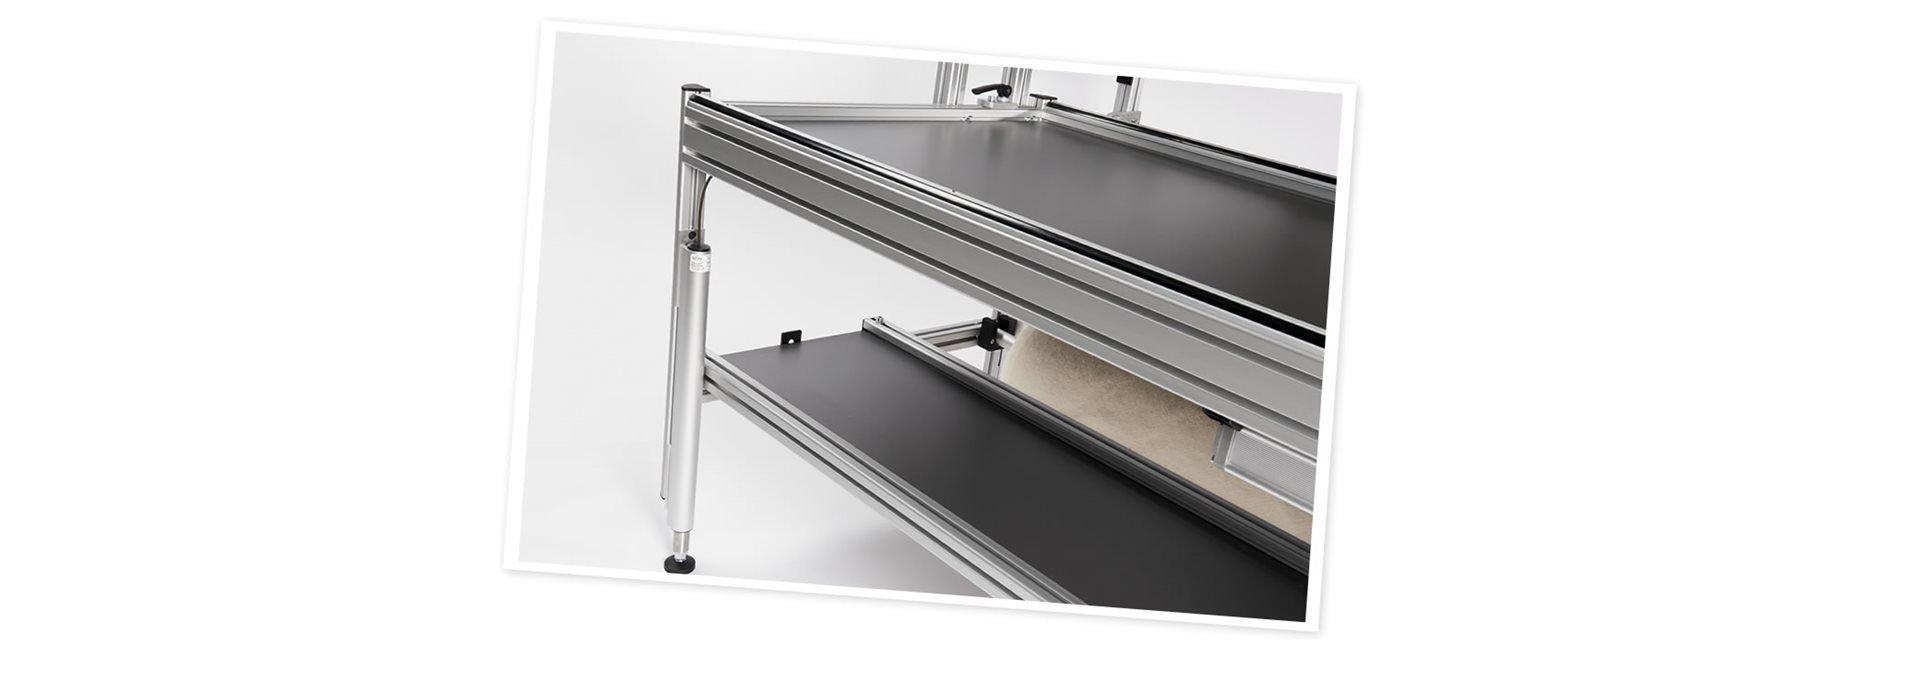 Bernina Accessory Shelf for Frame